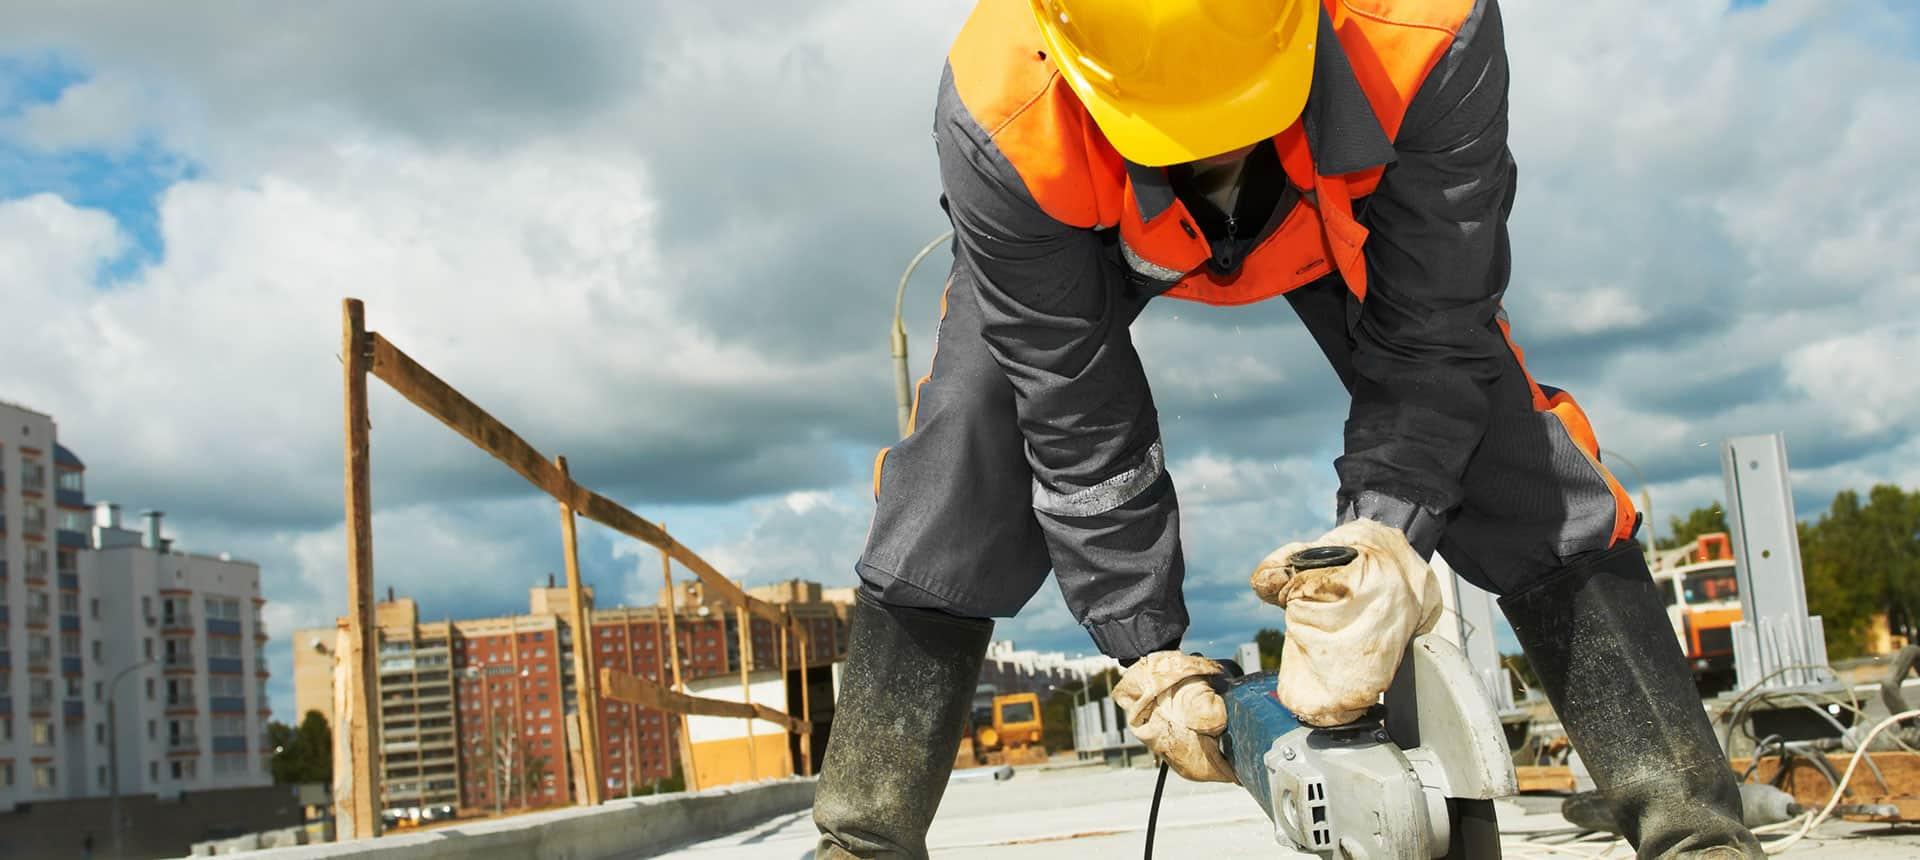 תאונת עבודה תשלום